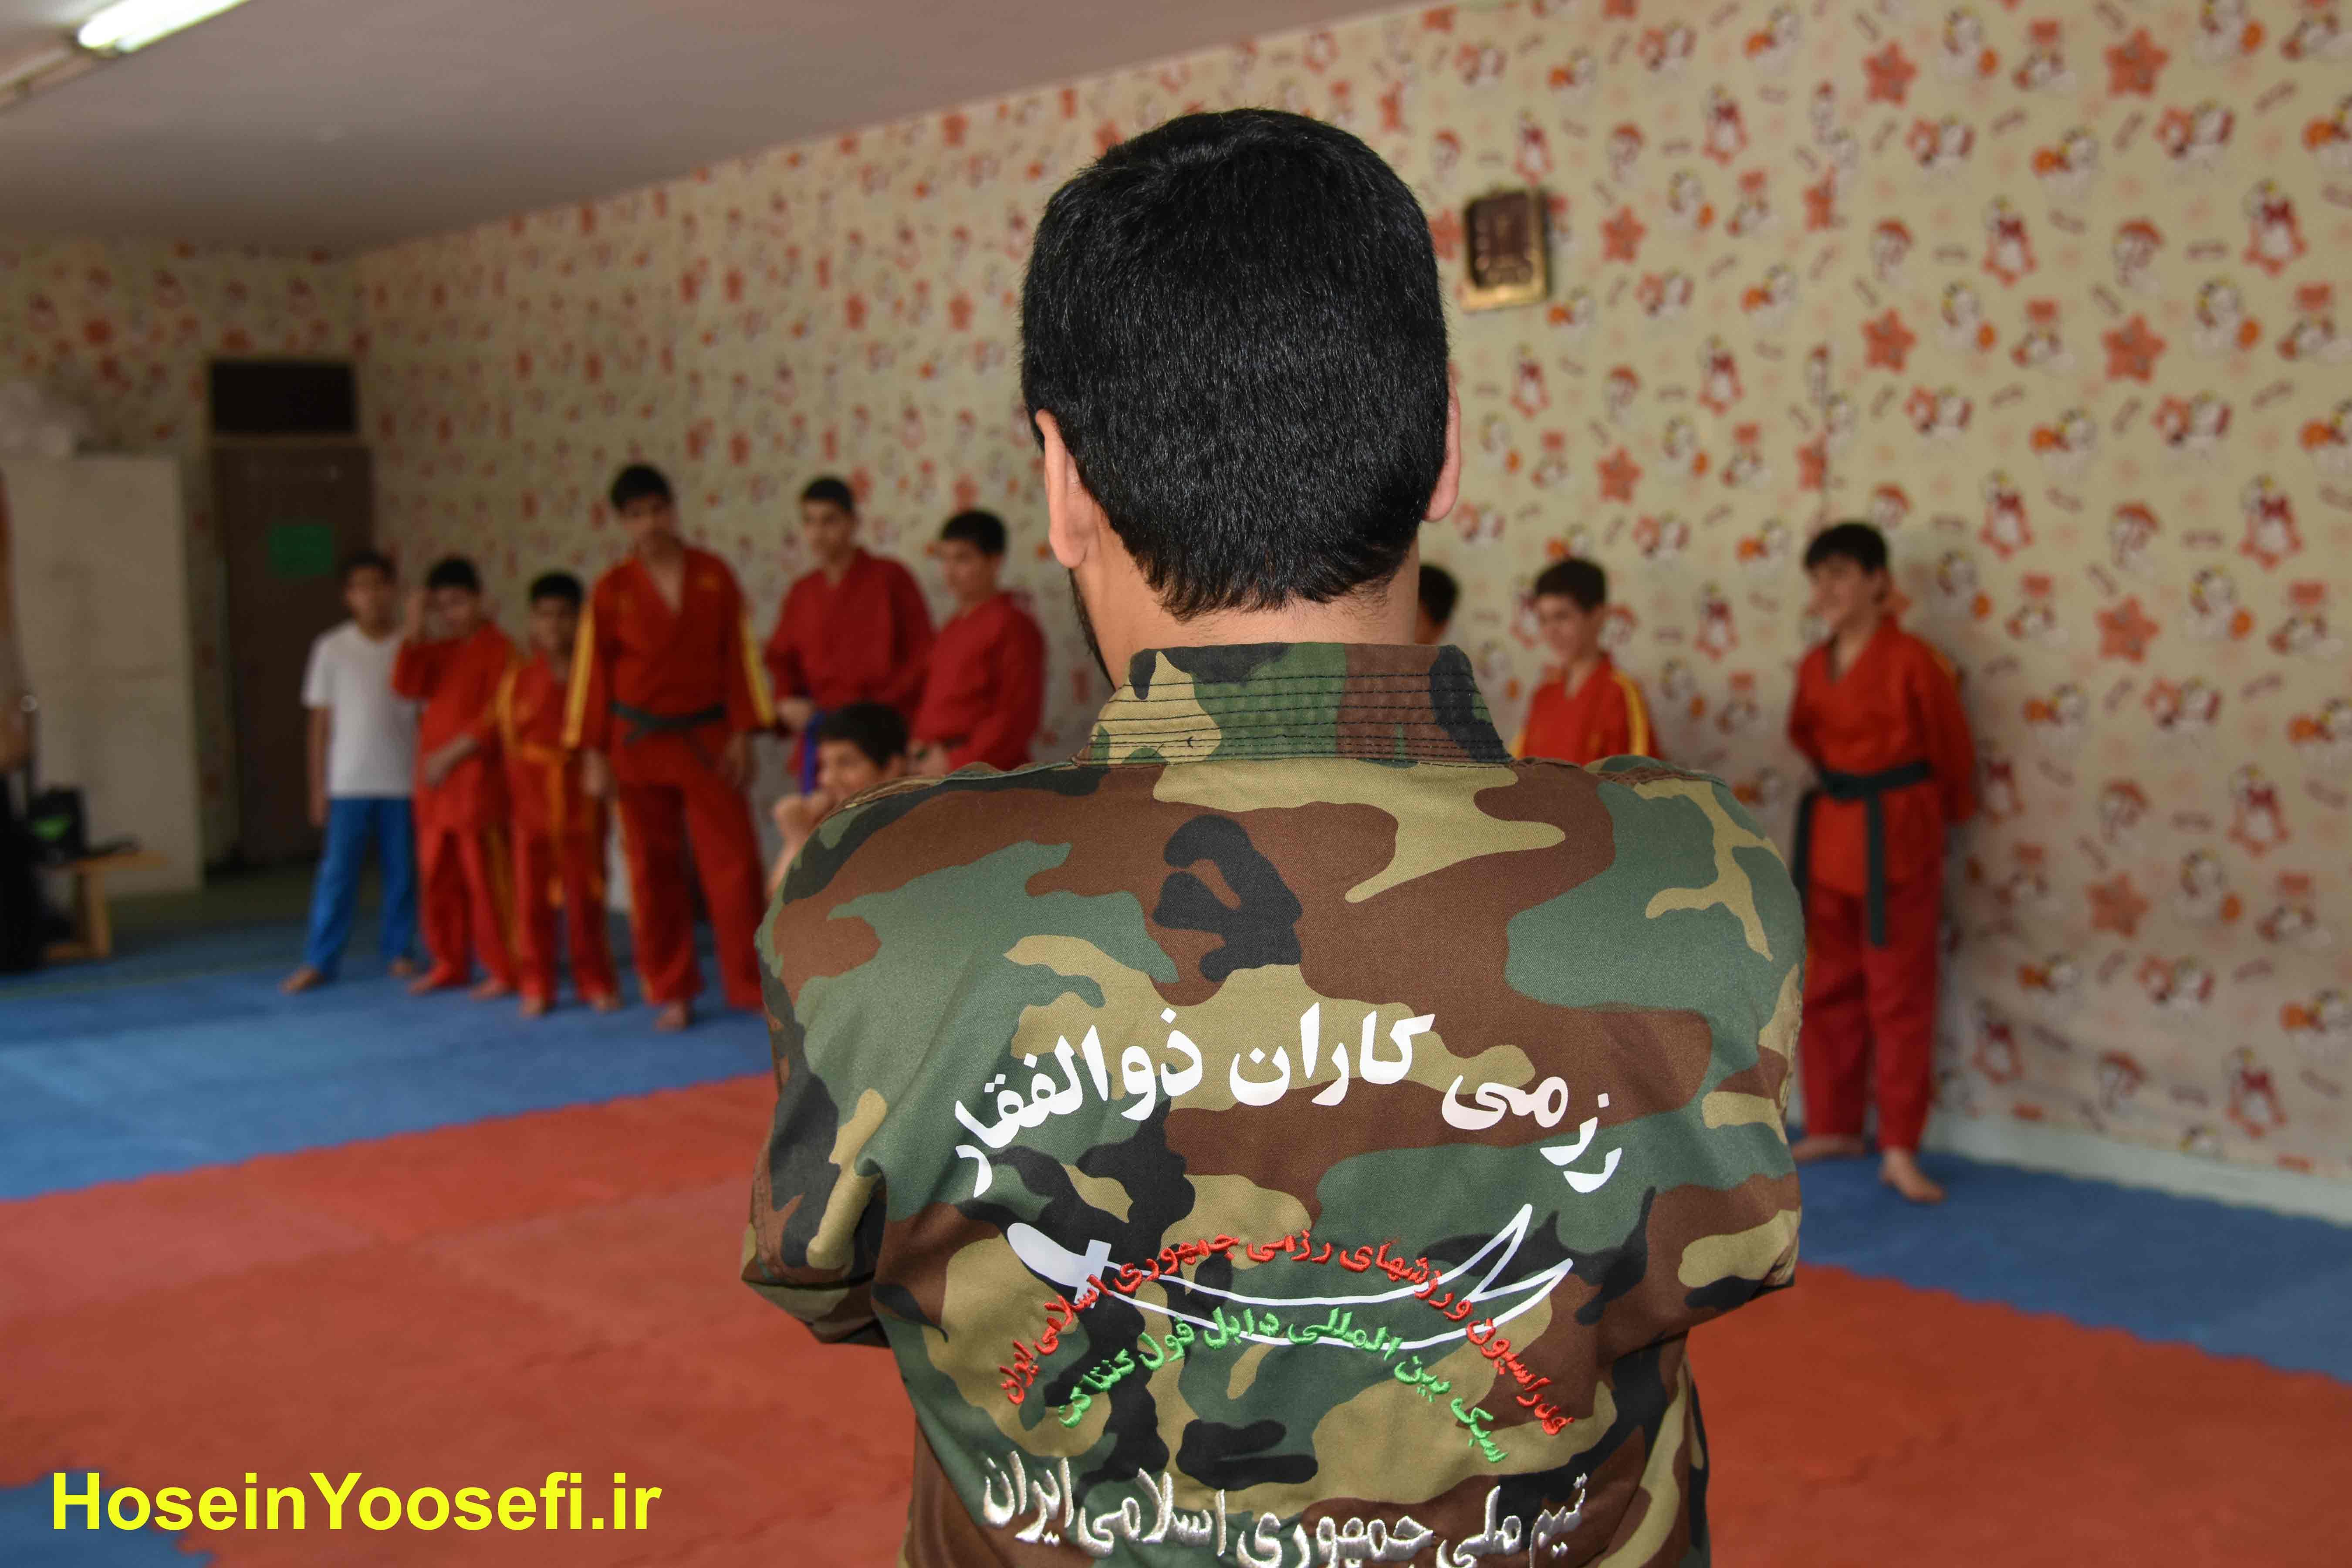 استاد حسین یوسفی در کانون قهرمانی سبک دابل فول کنتاکت